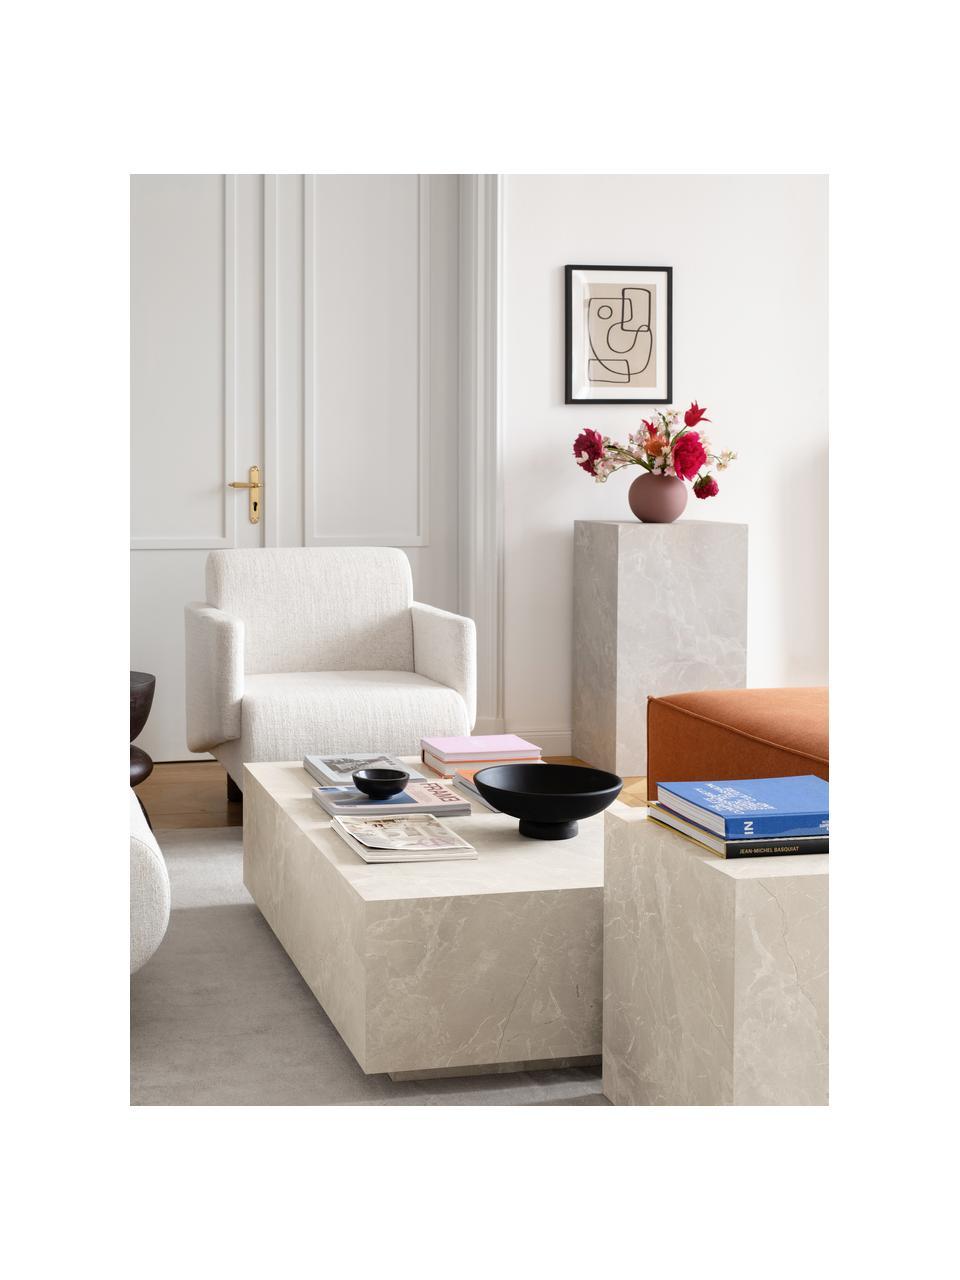 Stolik kawowy z imitacją trawertynu Lesley, Płyta pilśniowa średniej gęstości (MDF) pokryta folią melaminową, Beżowy imitujący trawertyn, matowy, S 120 x W 35 cm